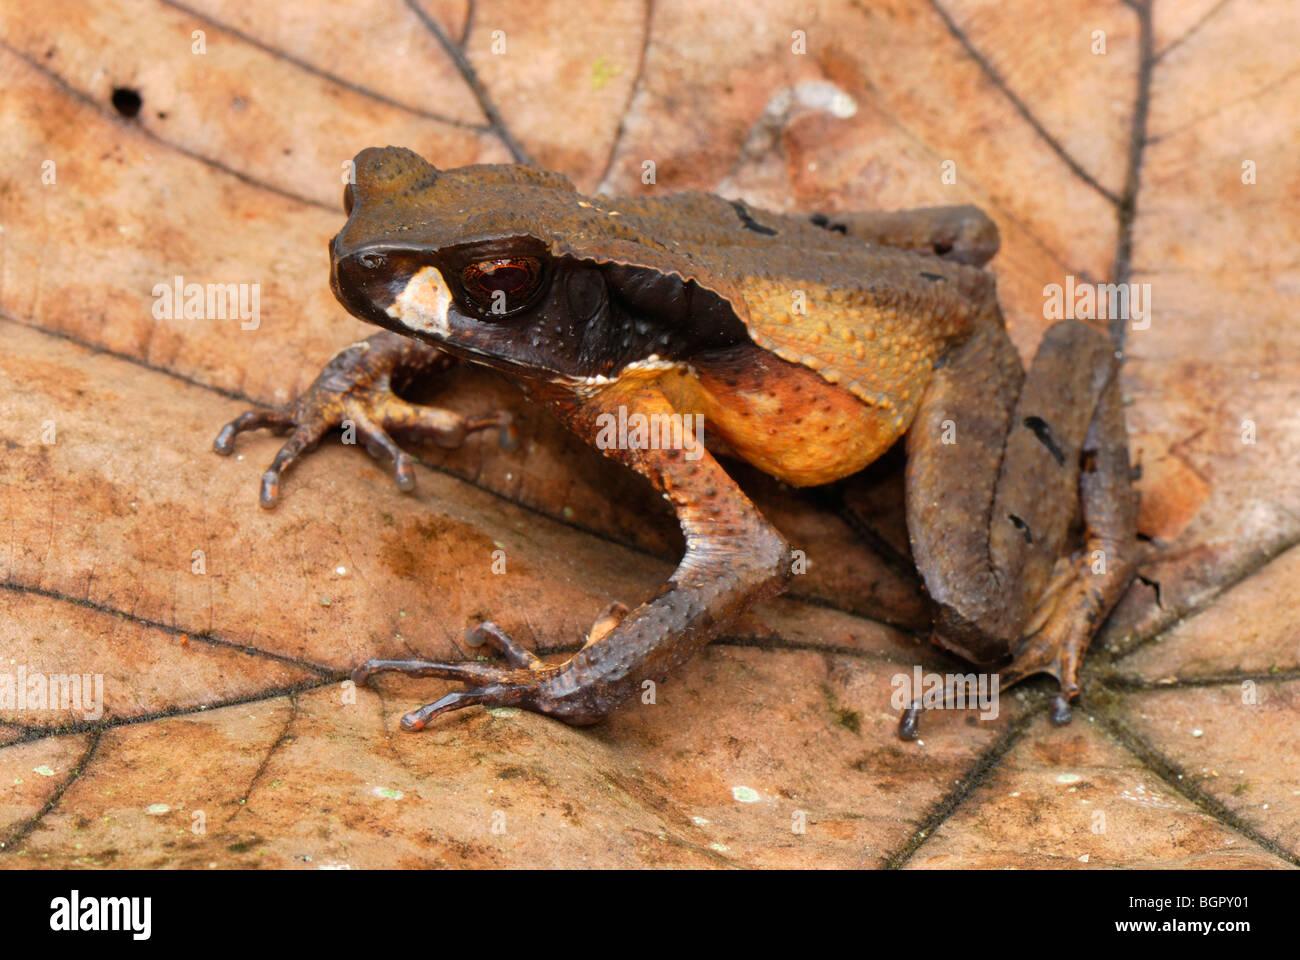 Crapaud masqué (Bufo haematiticus), adulte sur feuille, San Cipriano, Cauca, Colombie, Amérique du Sud Photo Stock